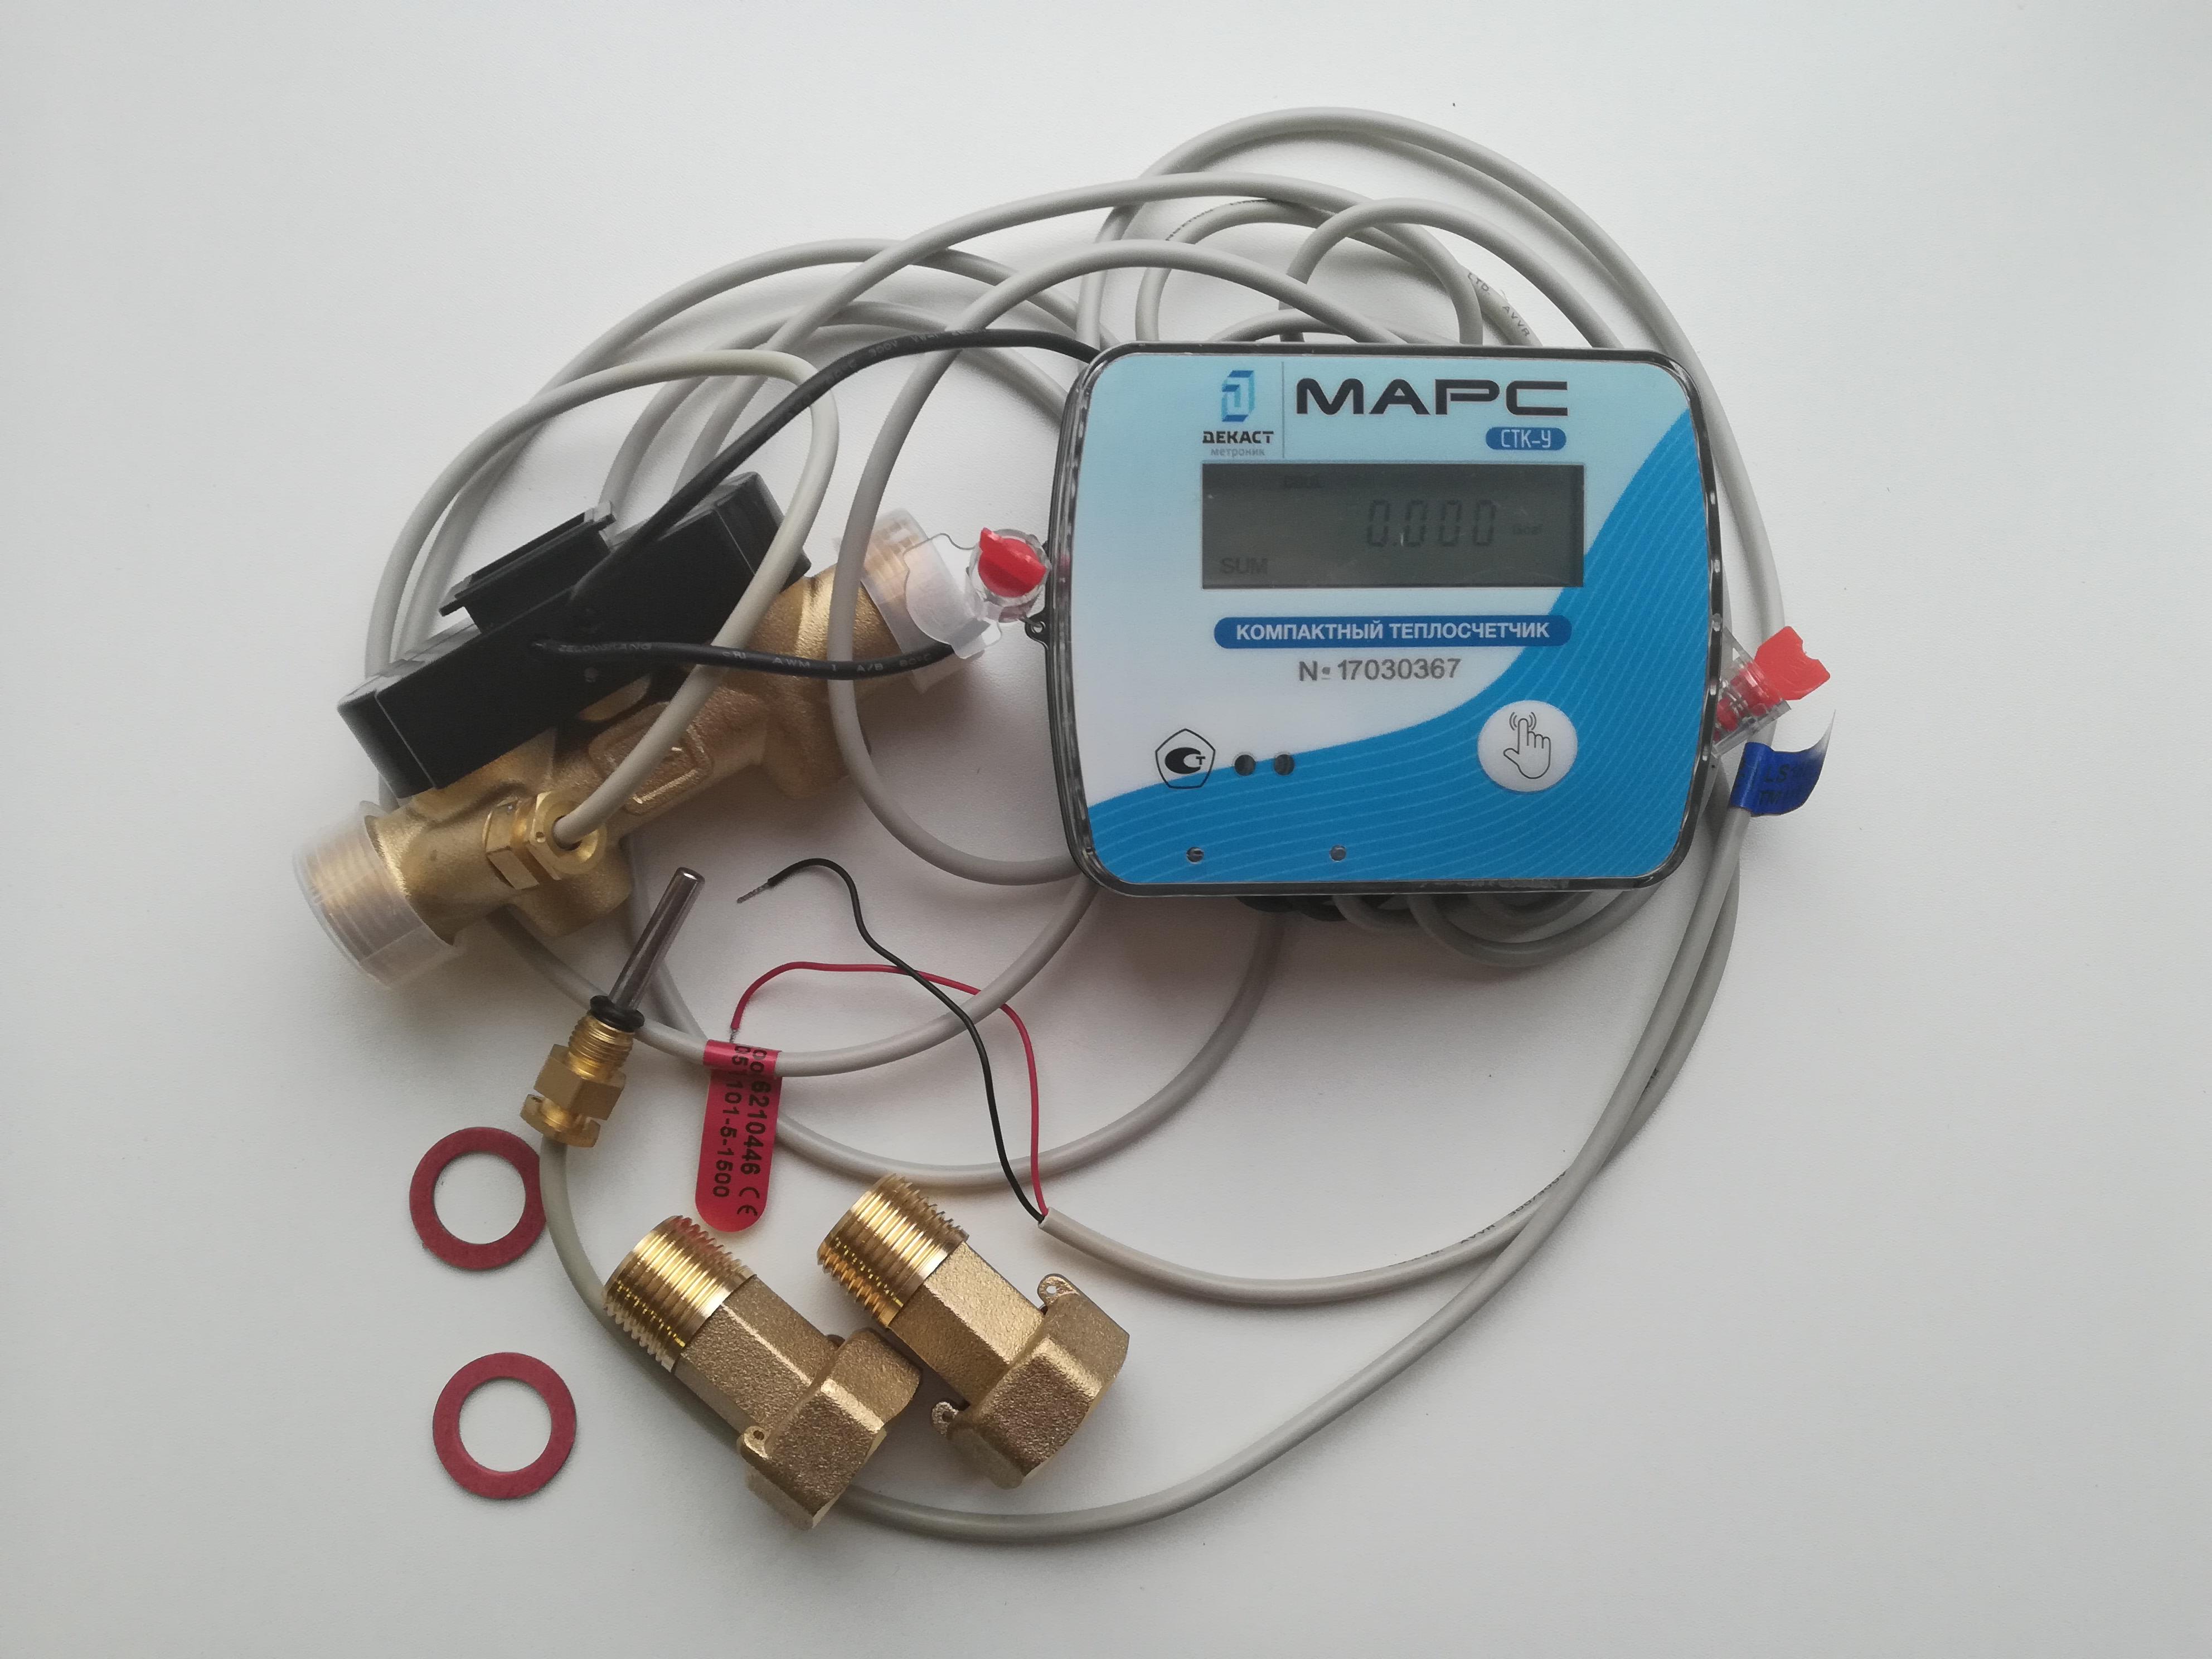 Ультразвуковой компактный теплосчетчик СТК-У-МАРС